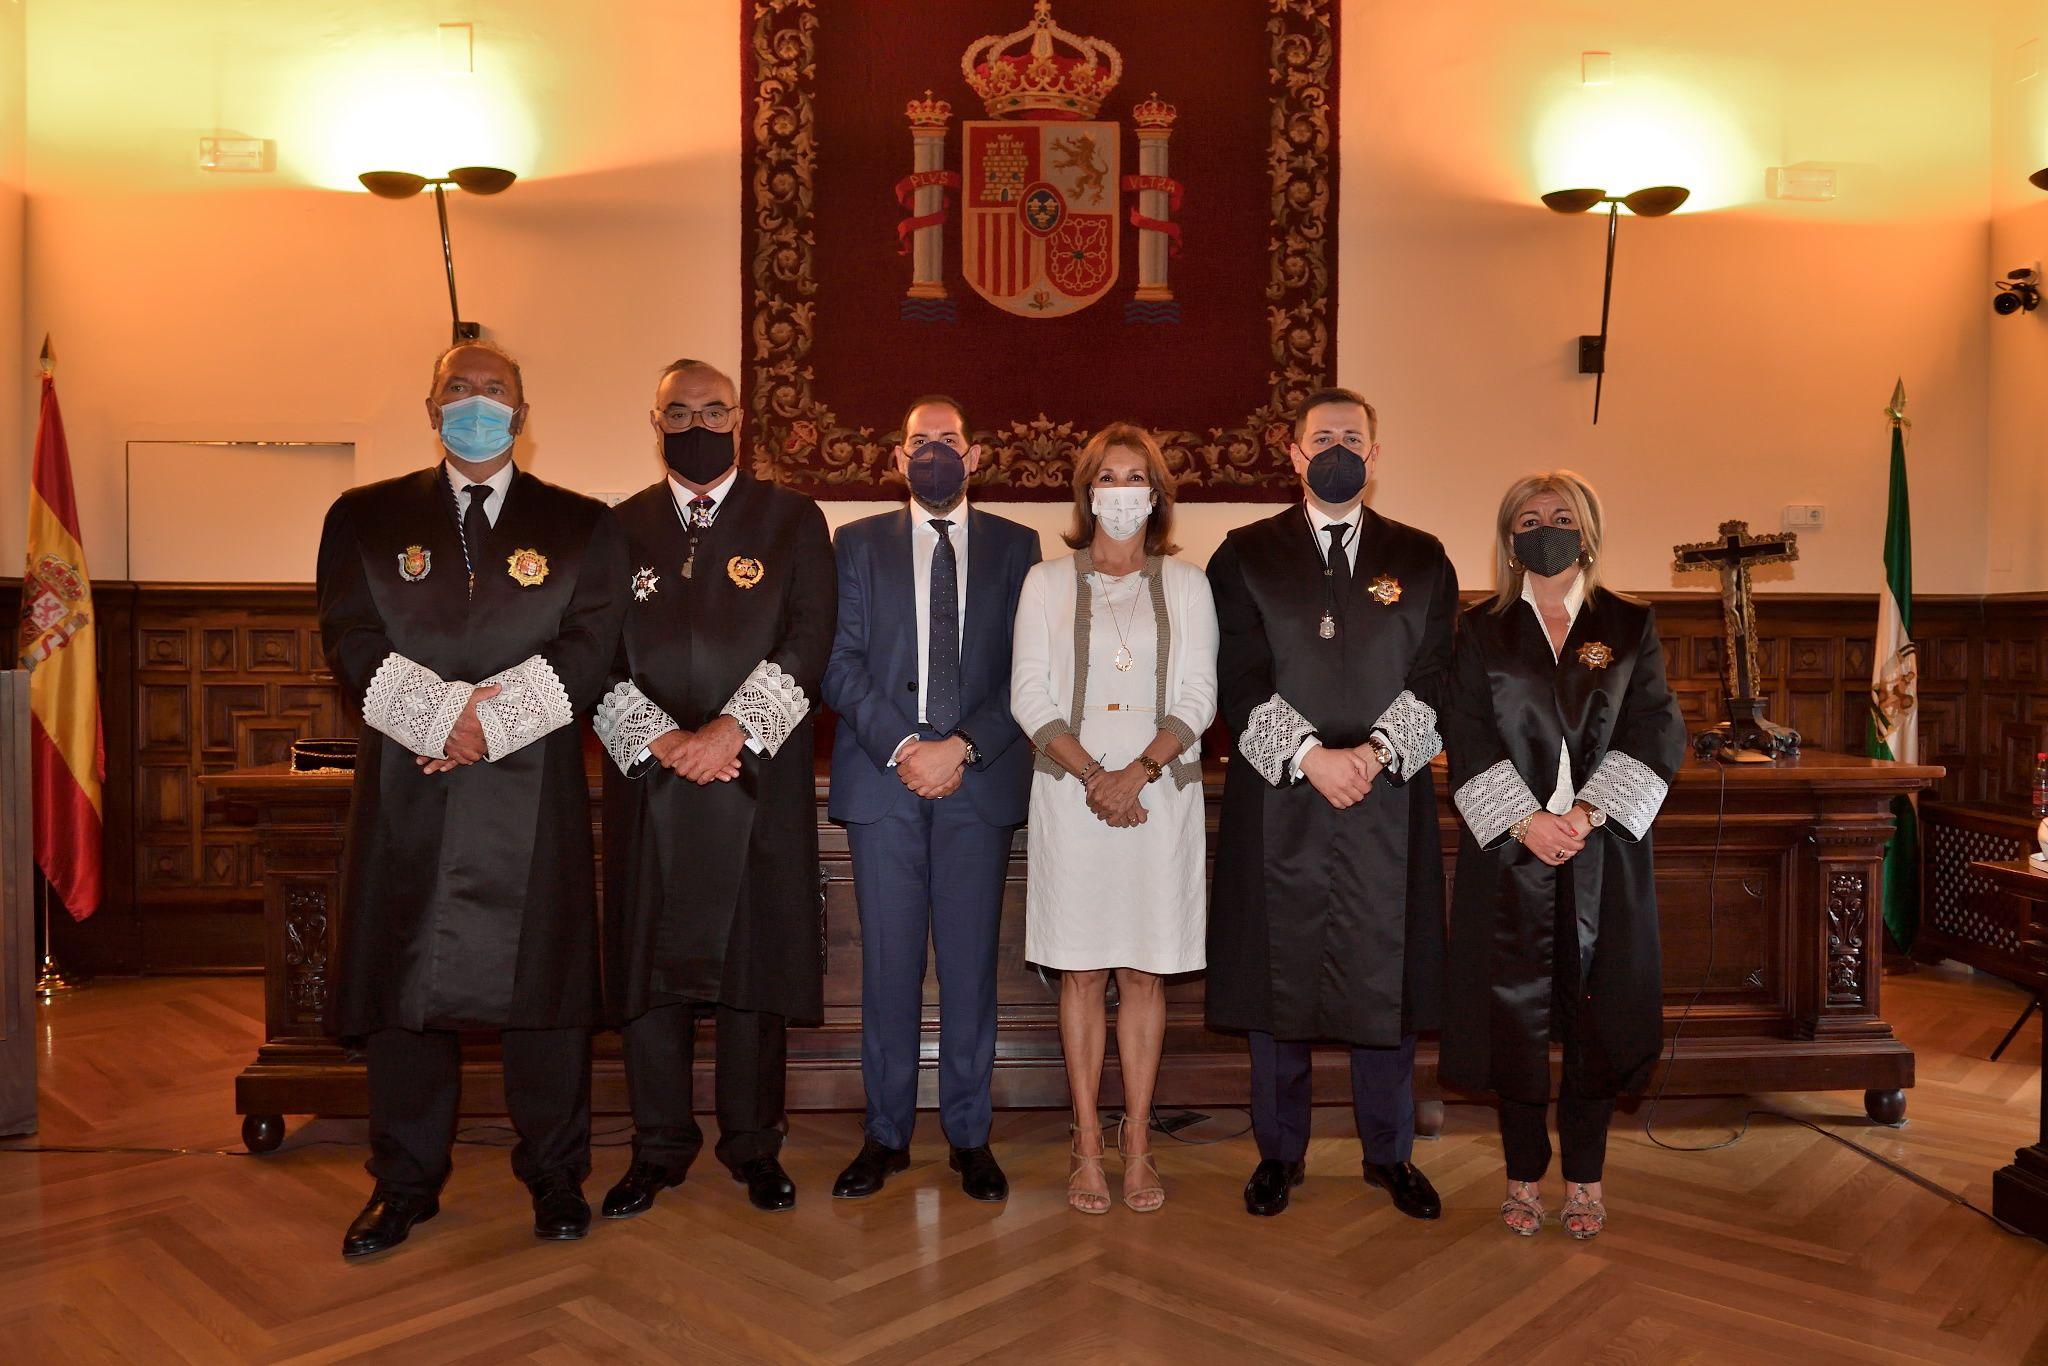 Fotografia Toma Posesión Consejo Andaluz Procuradores 1